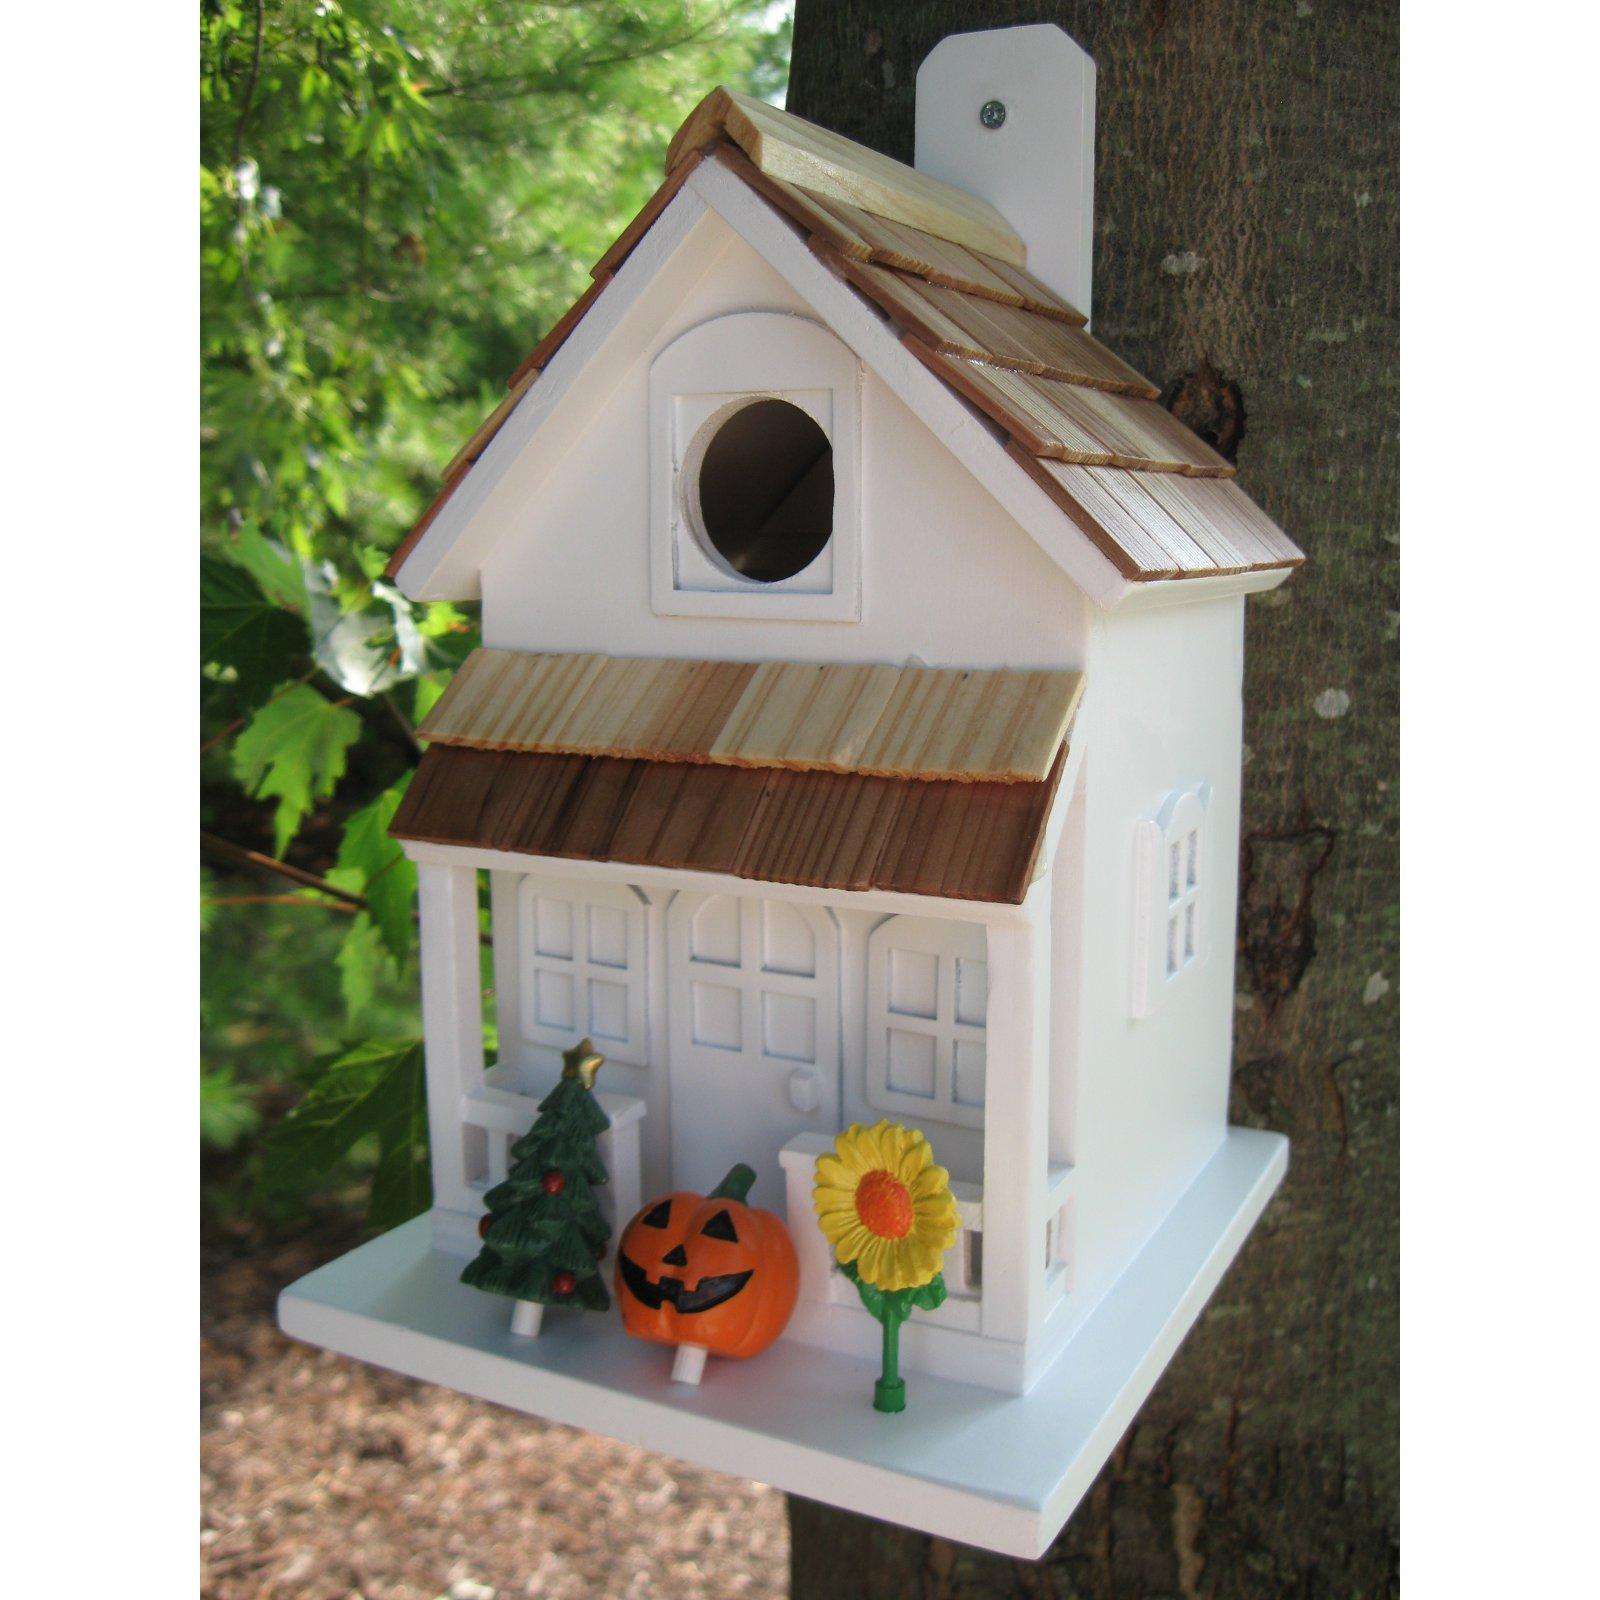 Home Bazaar Little Seasons Tweetings Birdhouse by Home Bazaar Inc.